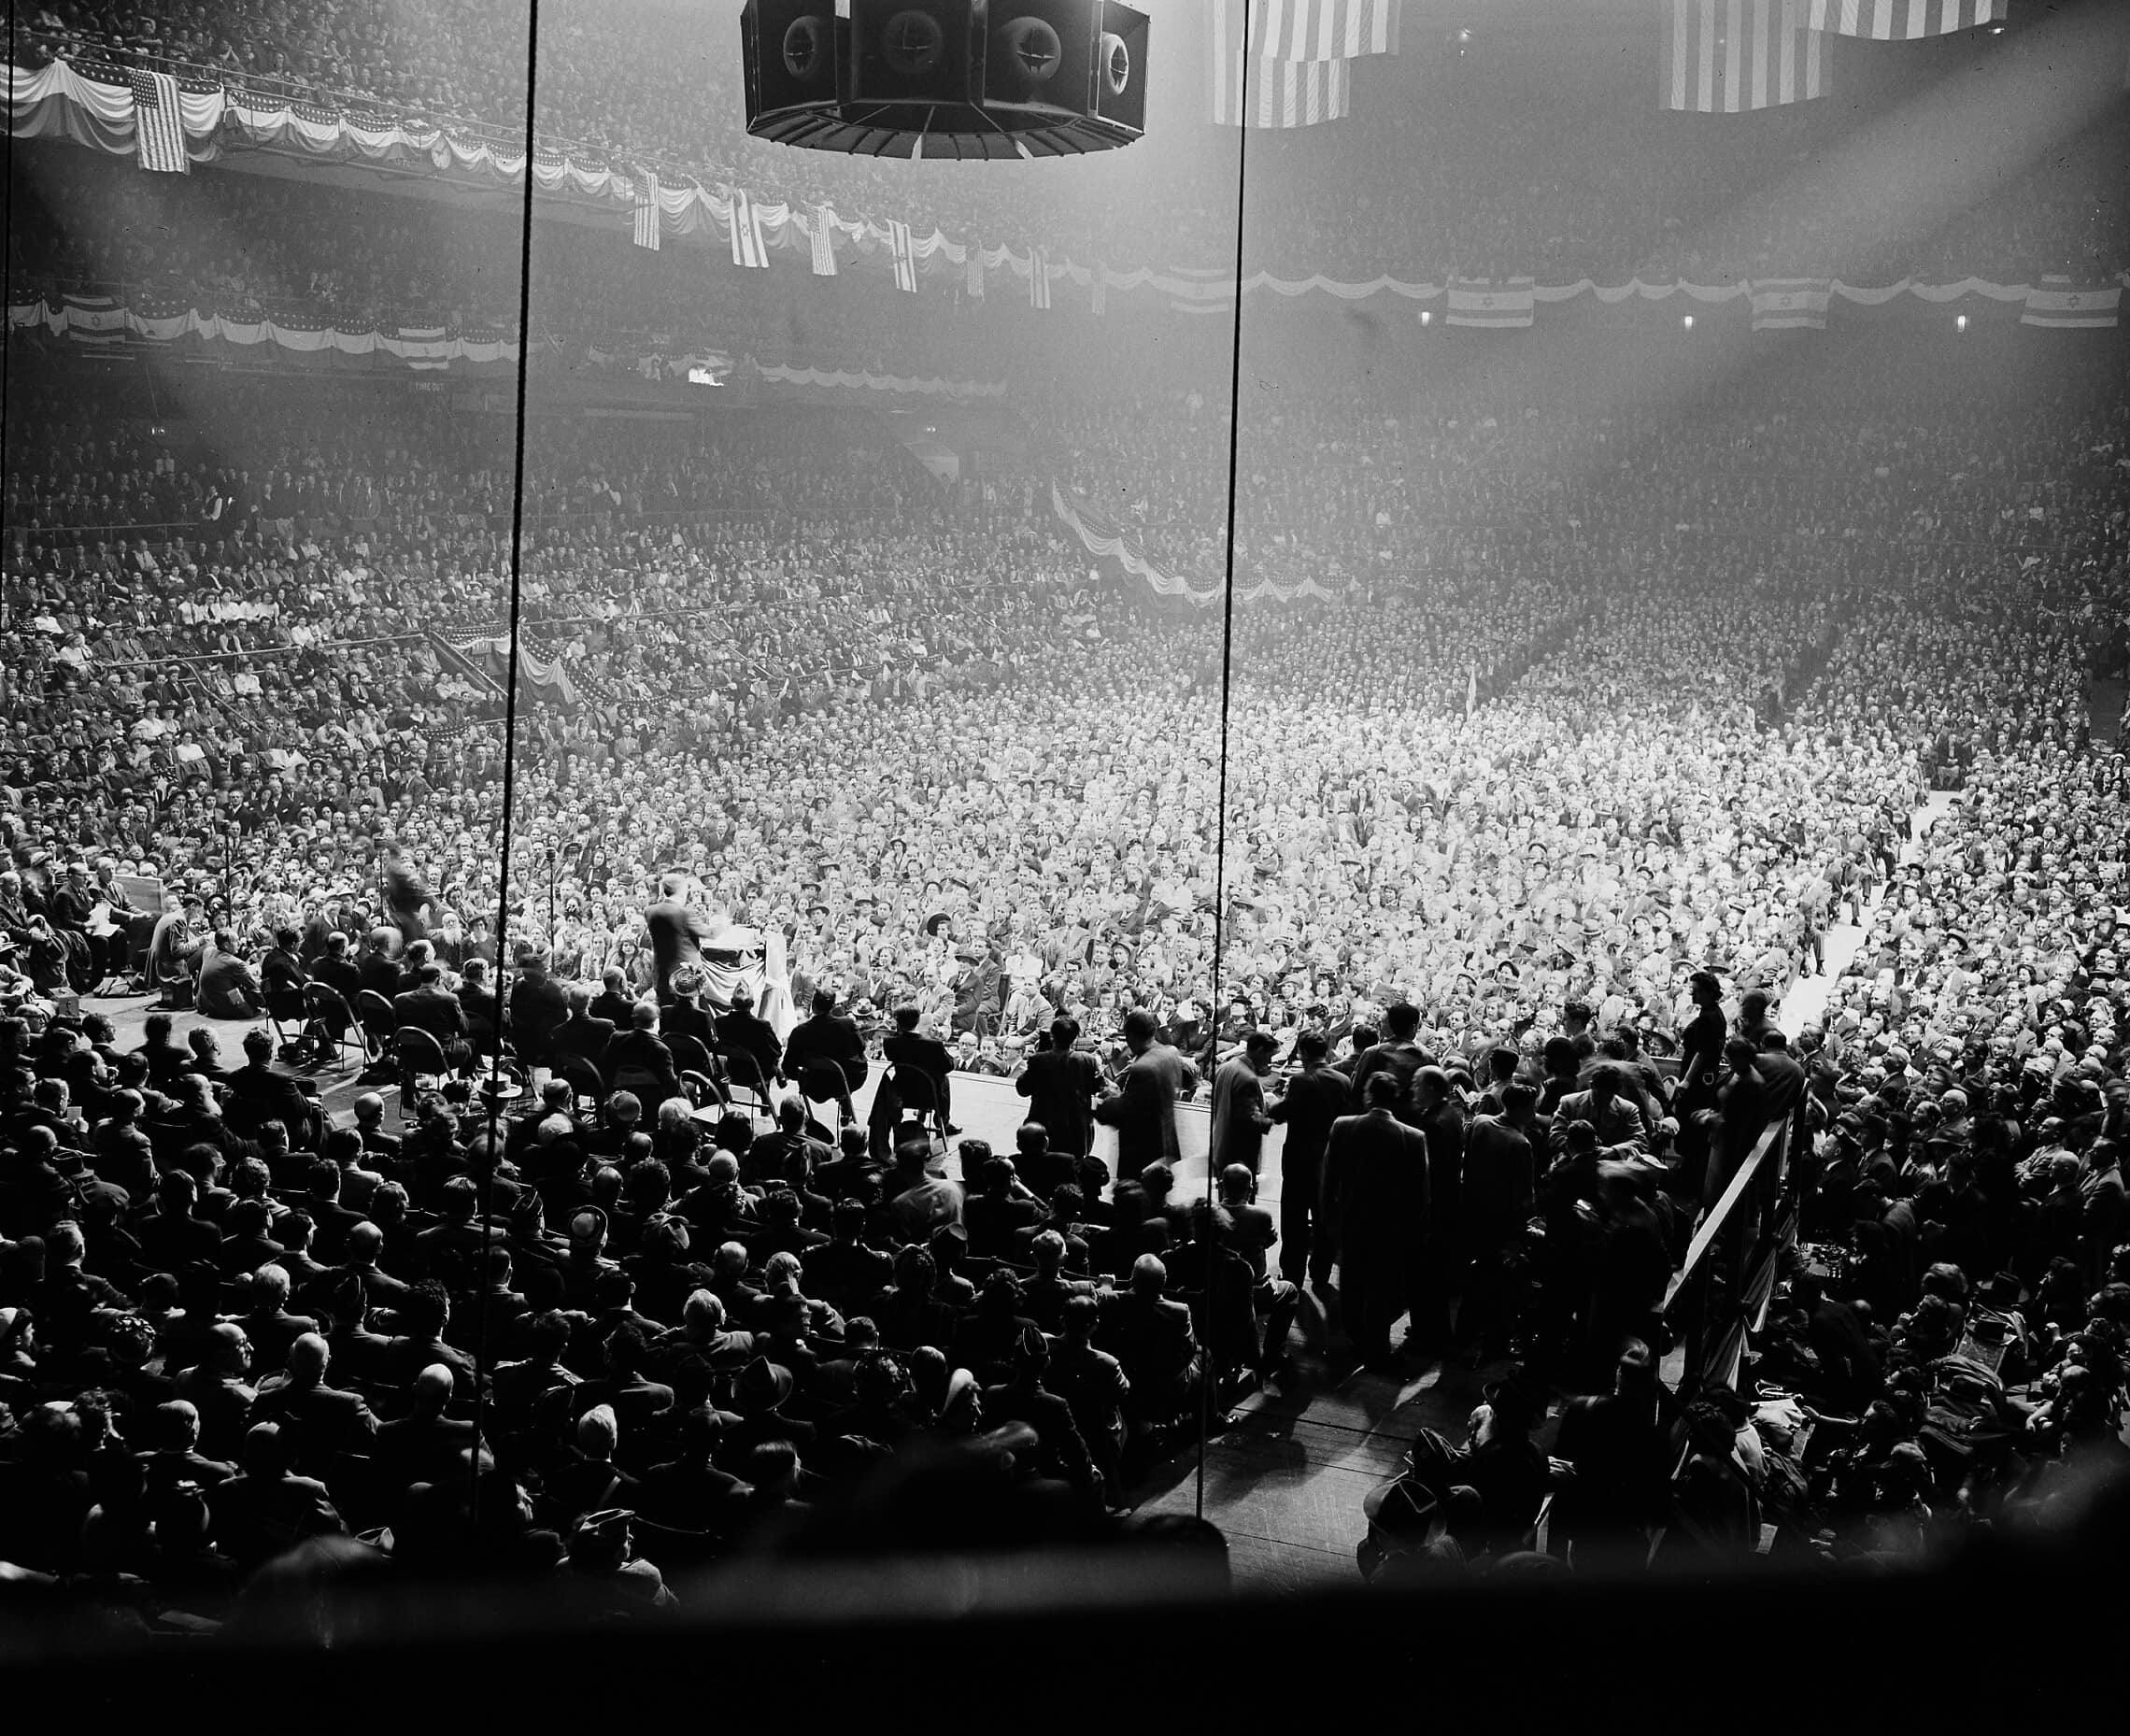 """ד""""ר אבא הלל סילבר נואם בפני קהל של עשרות אלפים במאדיסון סקוור גרדן, ניו יורק, ב-16 במאי 1948 (צילום: AP Photo)"""